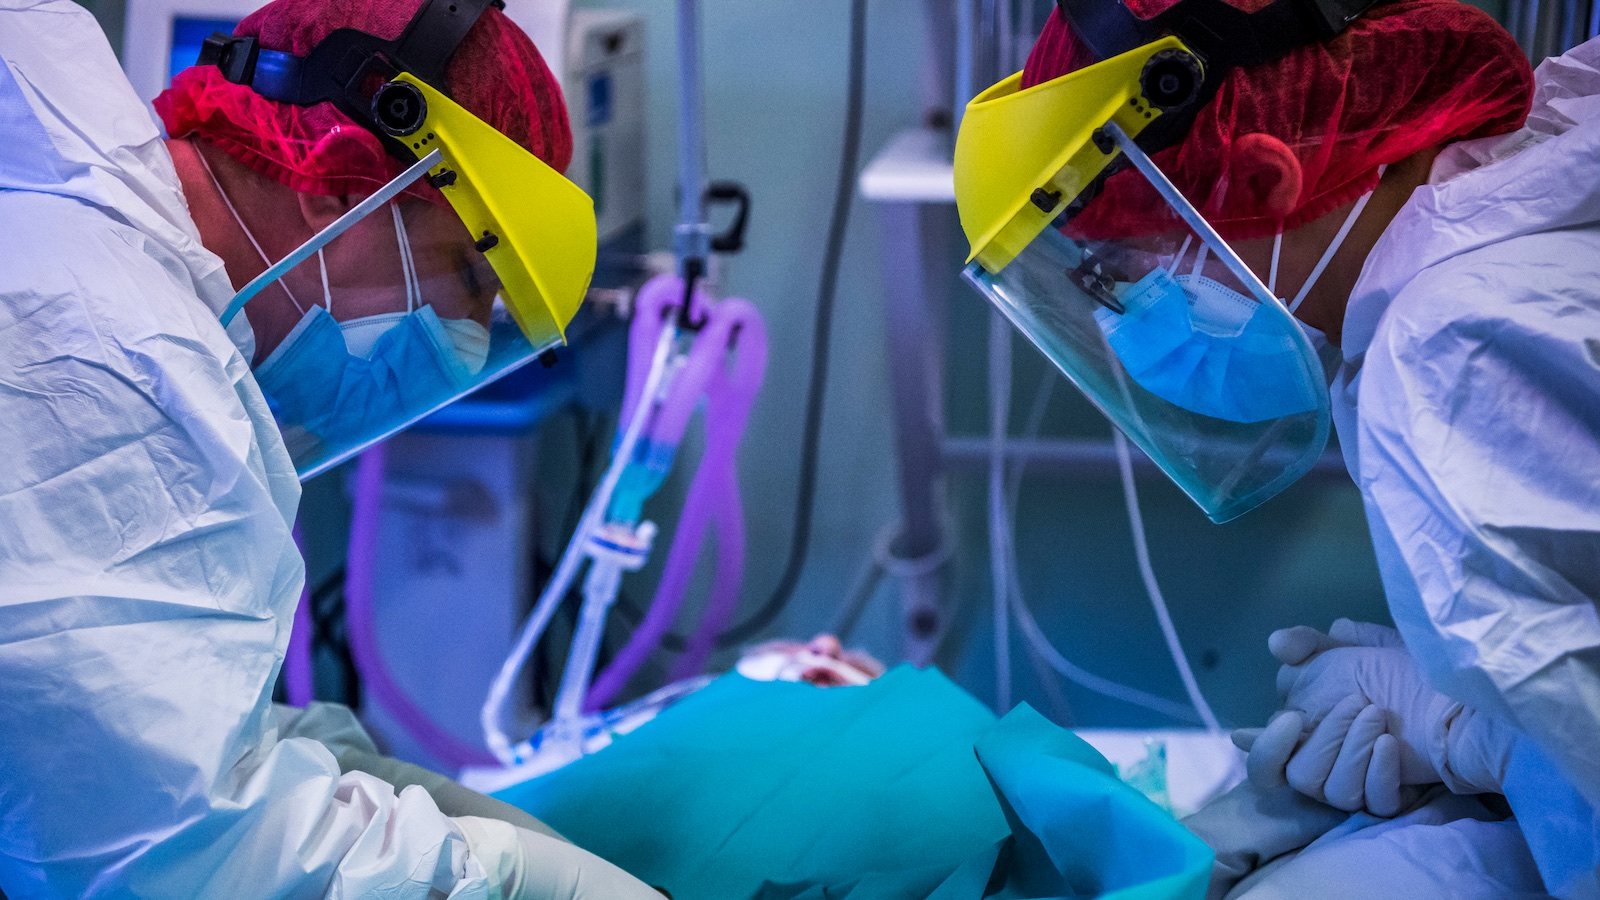 Koronavírus – miért ilyen magas a halálozás?